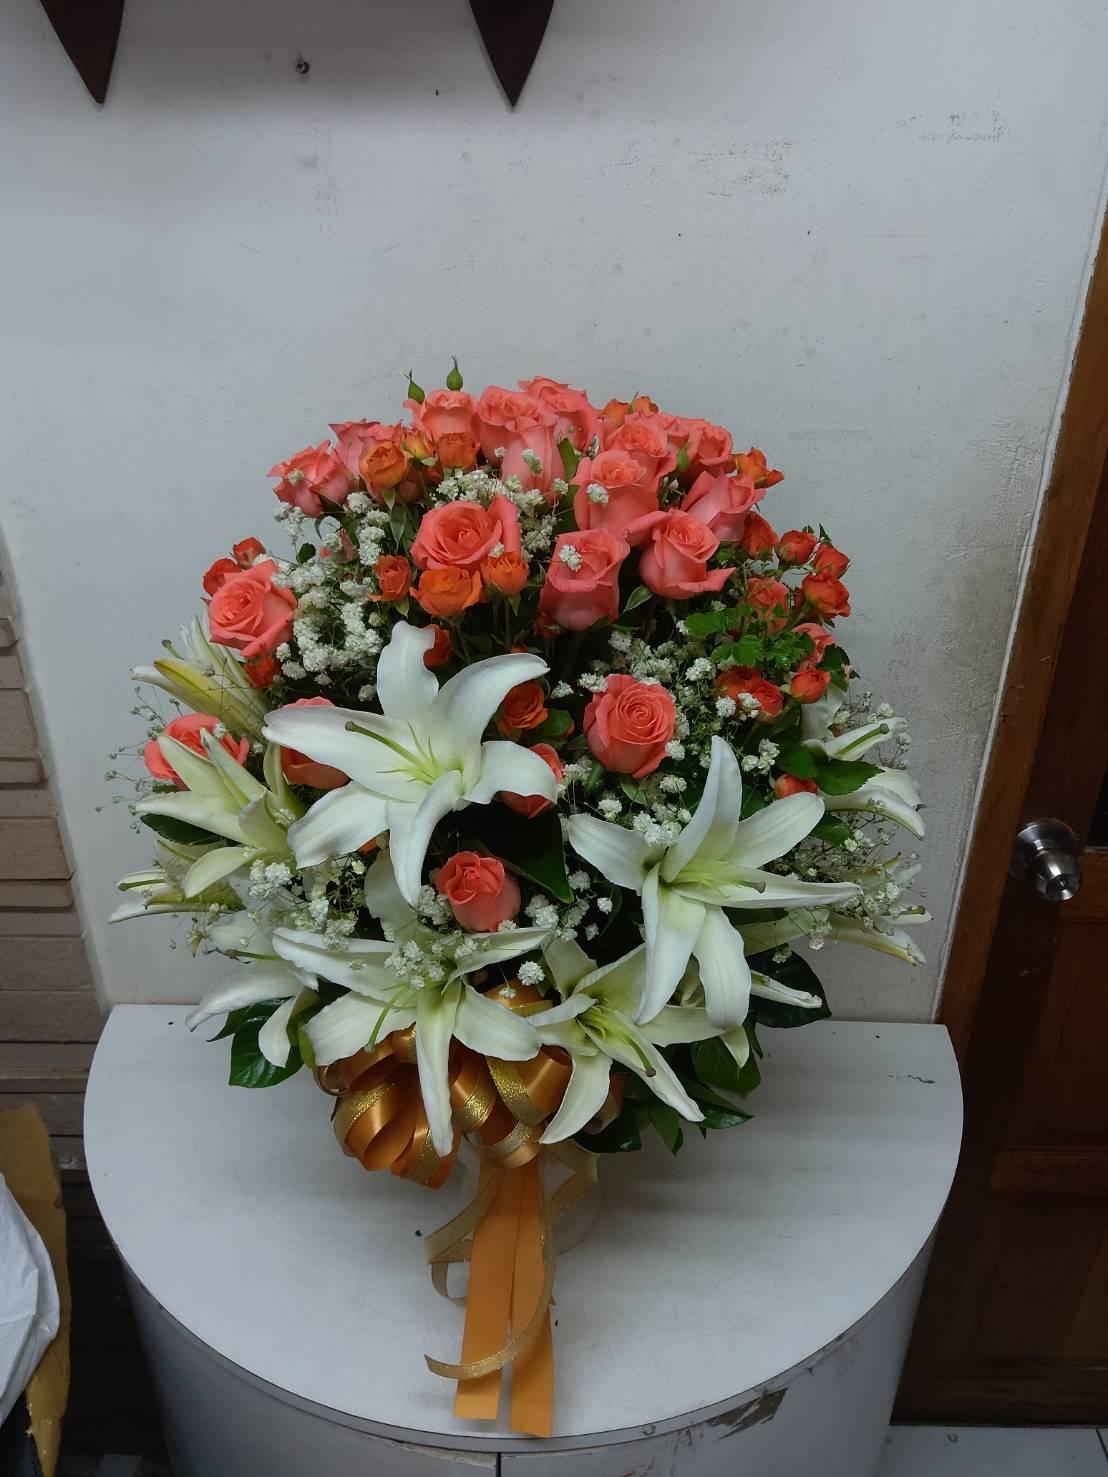 นี่คือแจกันดอกไม้ที่ผสมผสานกันลงตัวระหว่างดอกกุหลาบและดอกลิลลี่ค่ะ